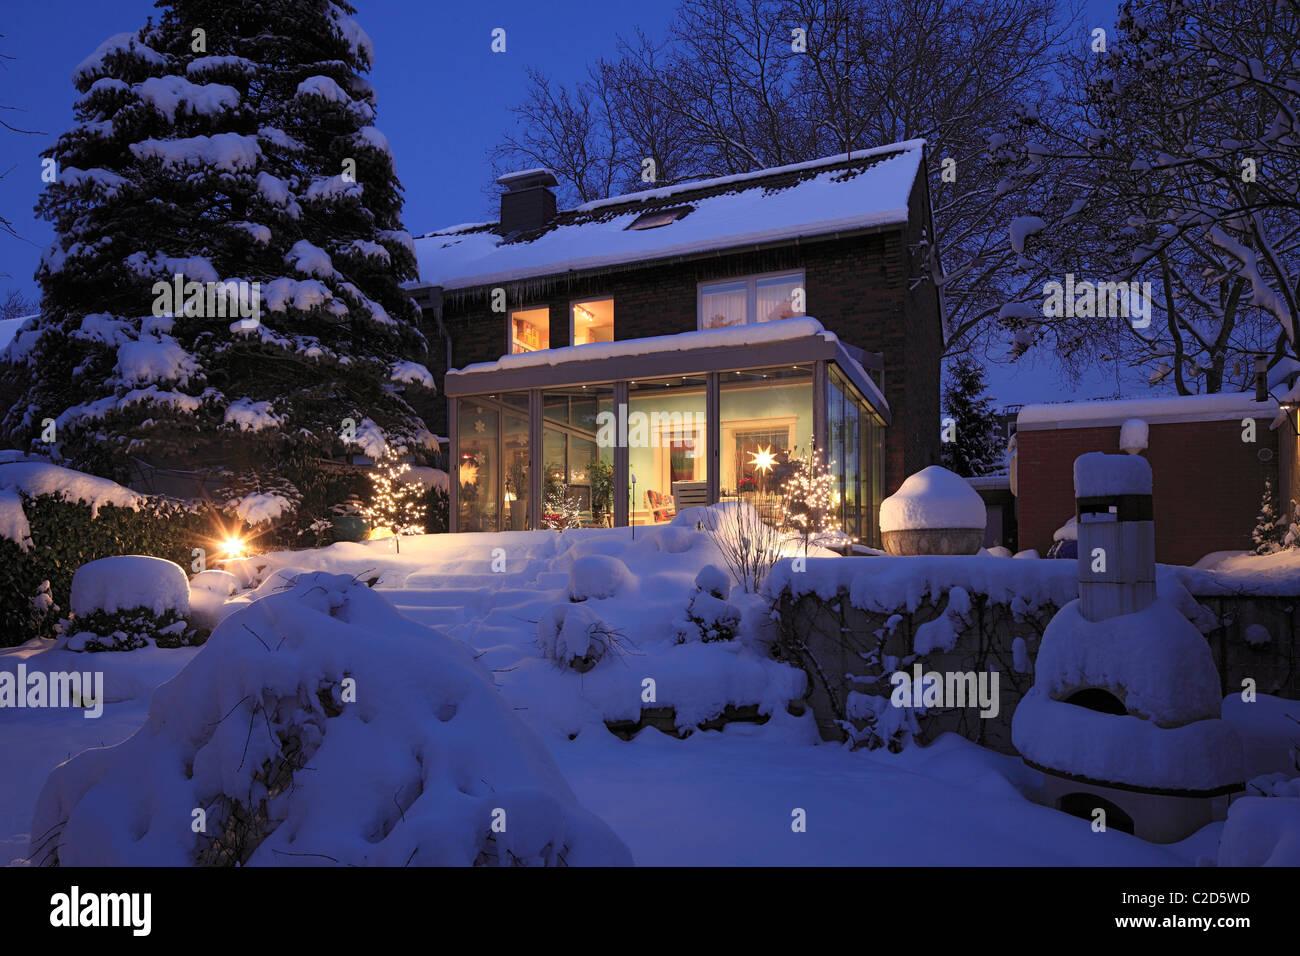 Giardino Dinverno In Casa : Casa residenziale con giardino d inverno single casa famiglia